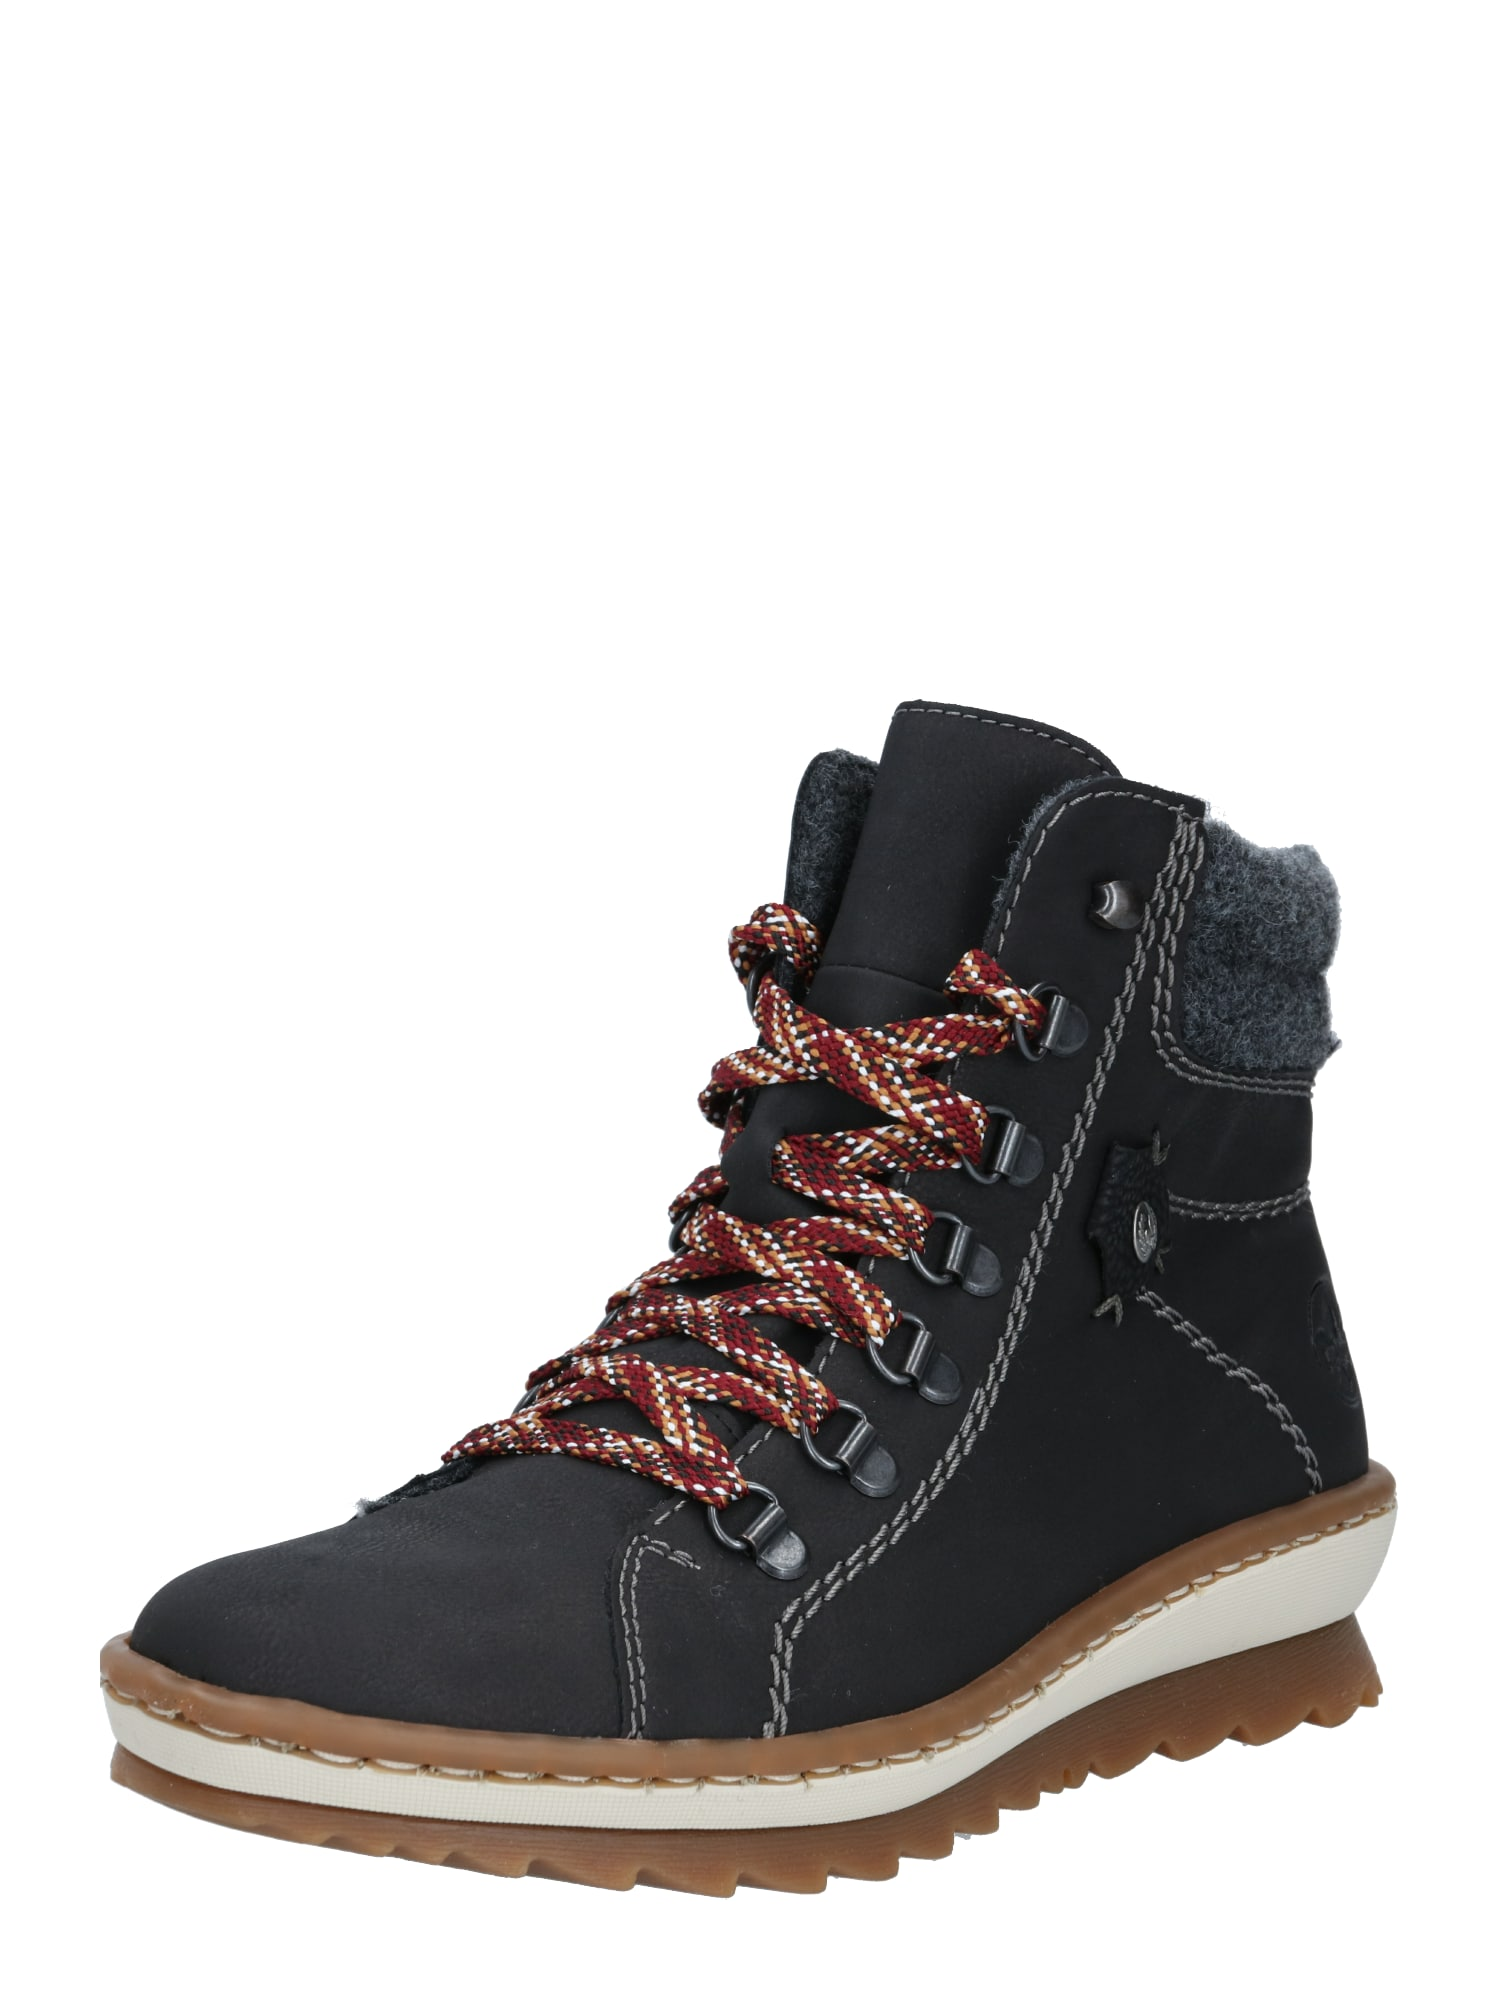 RIEKER Auliniai batai juoda